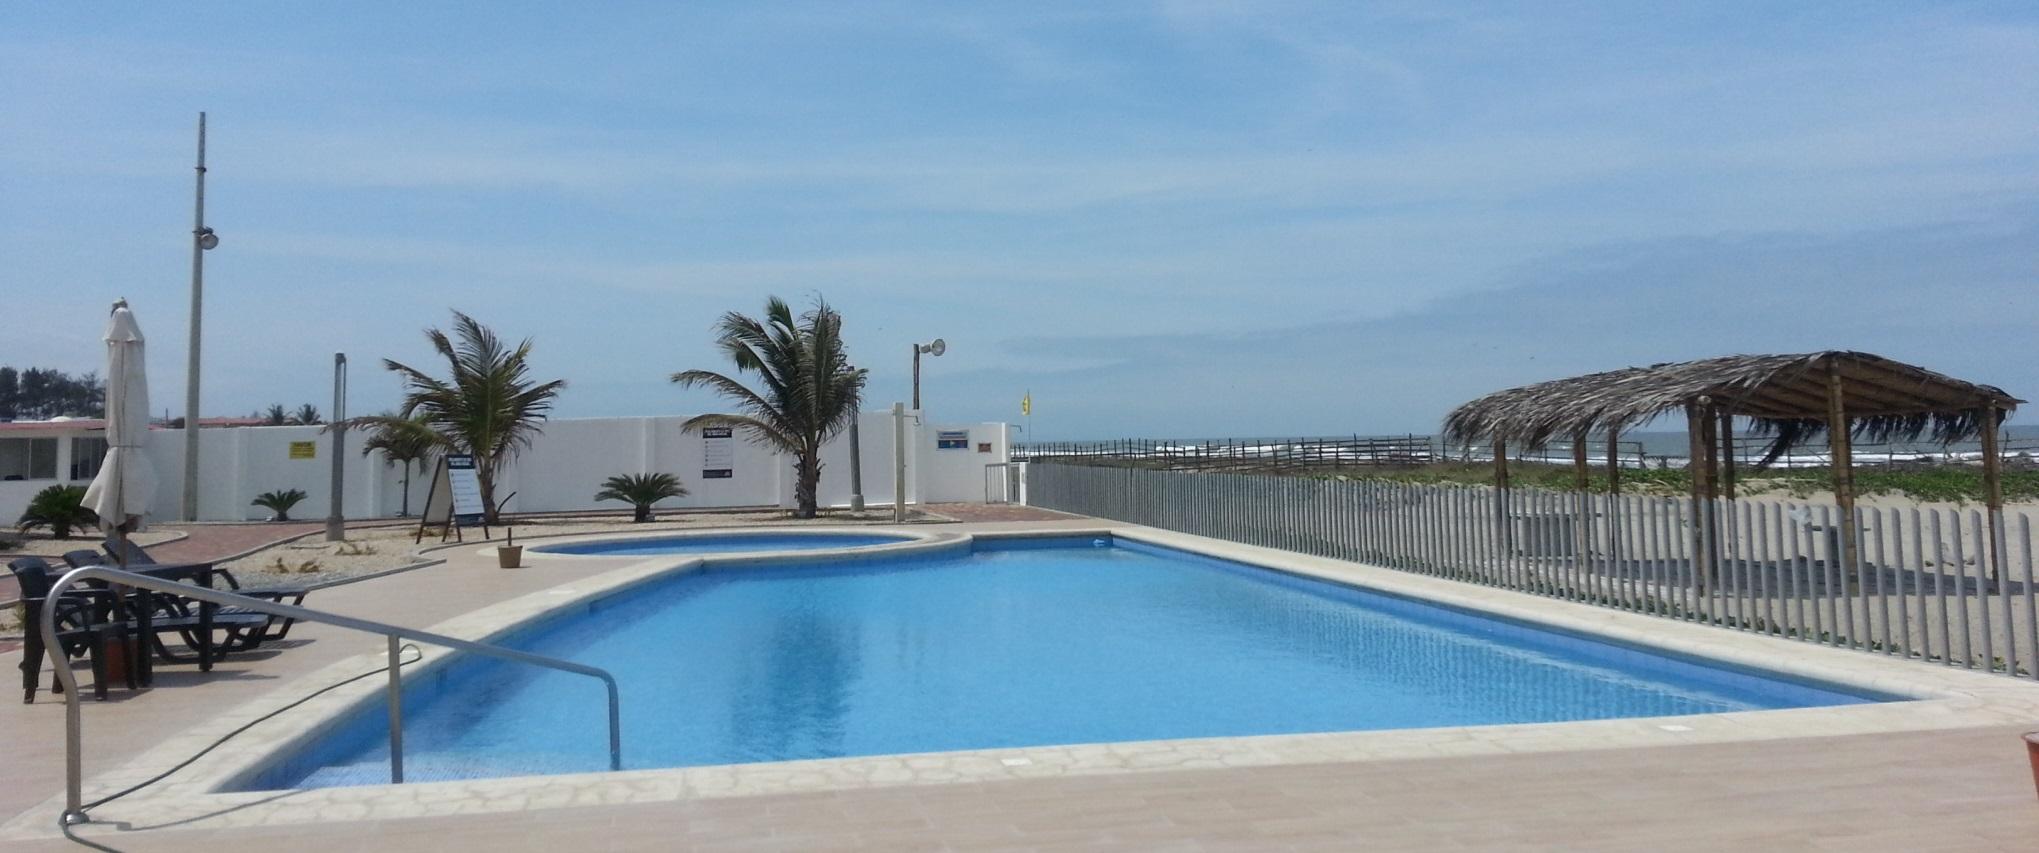 piscina playas villamil alquiler